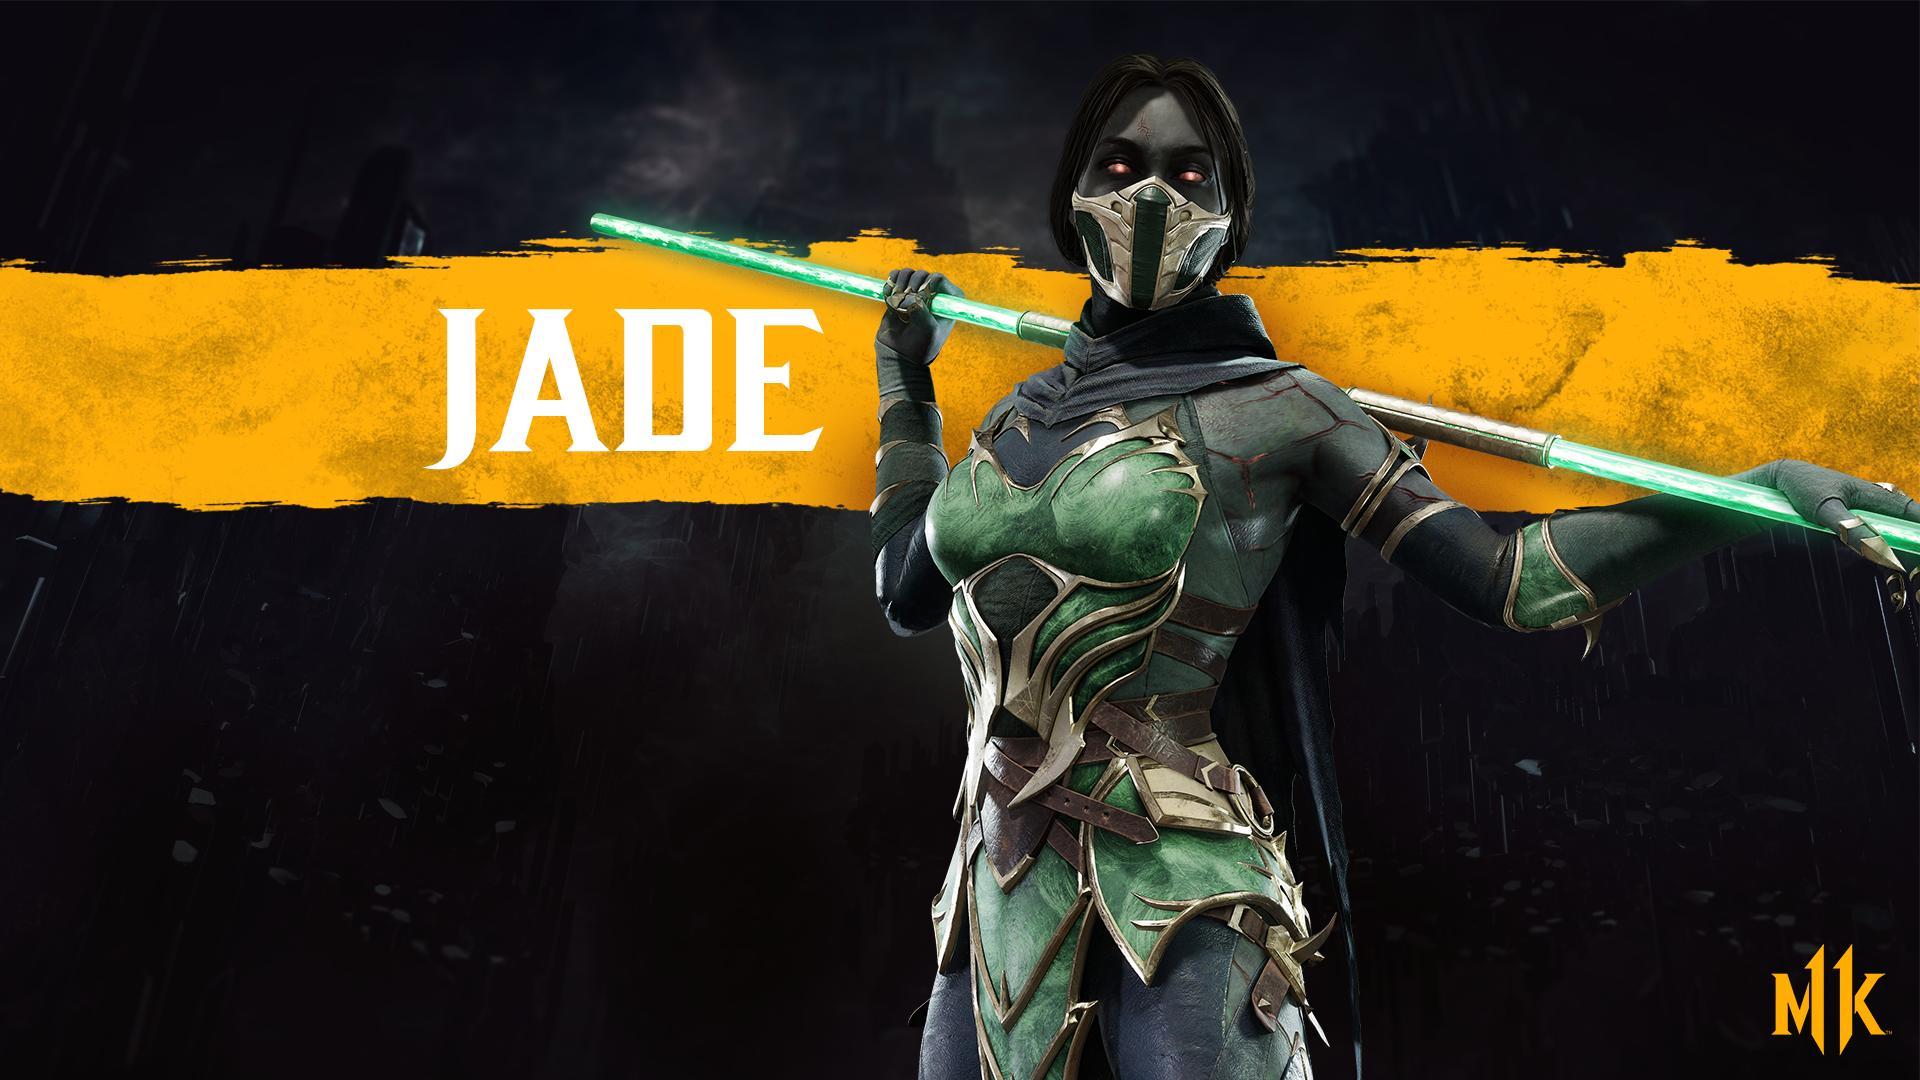 Motal Kombat 11 Jade